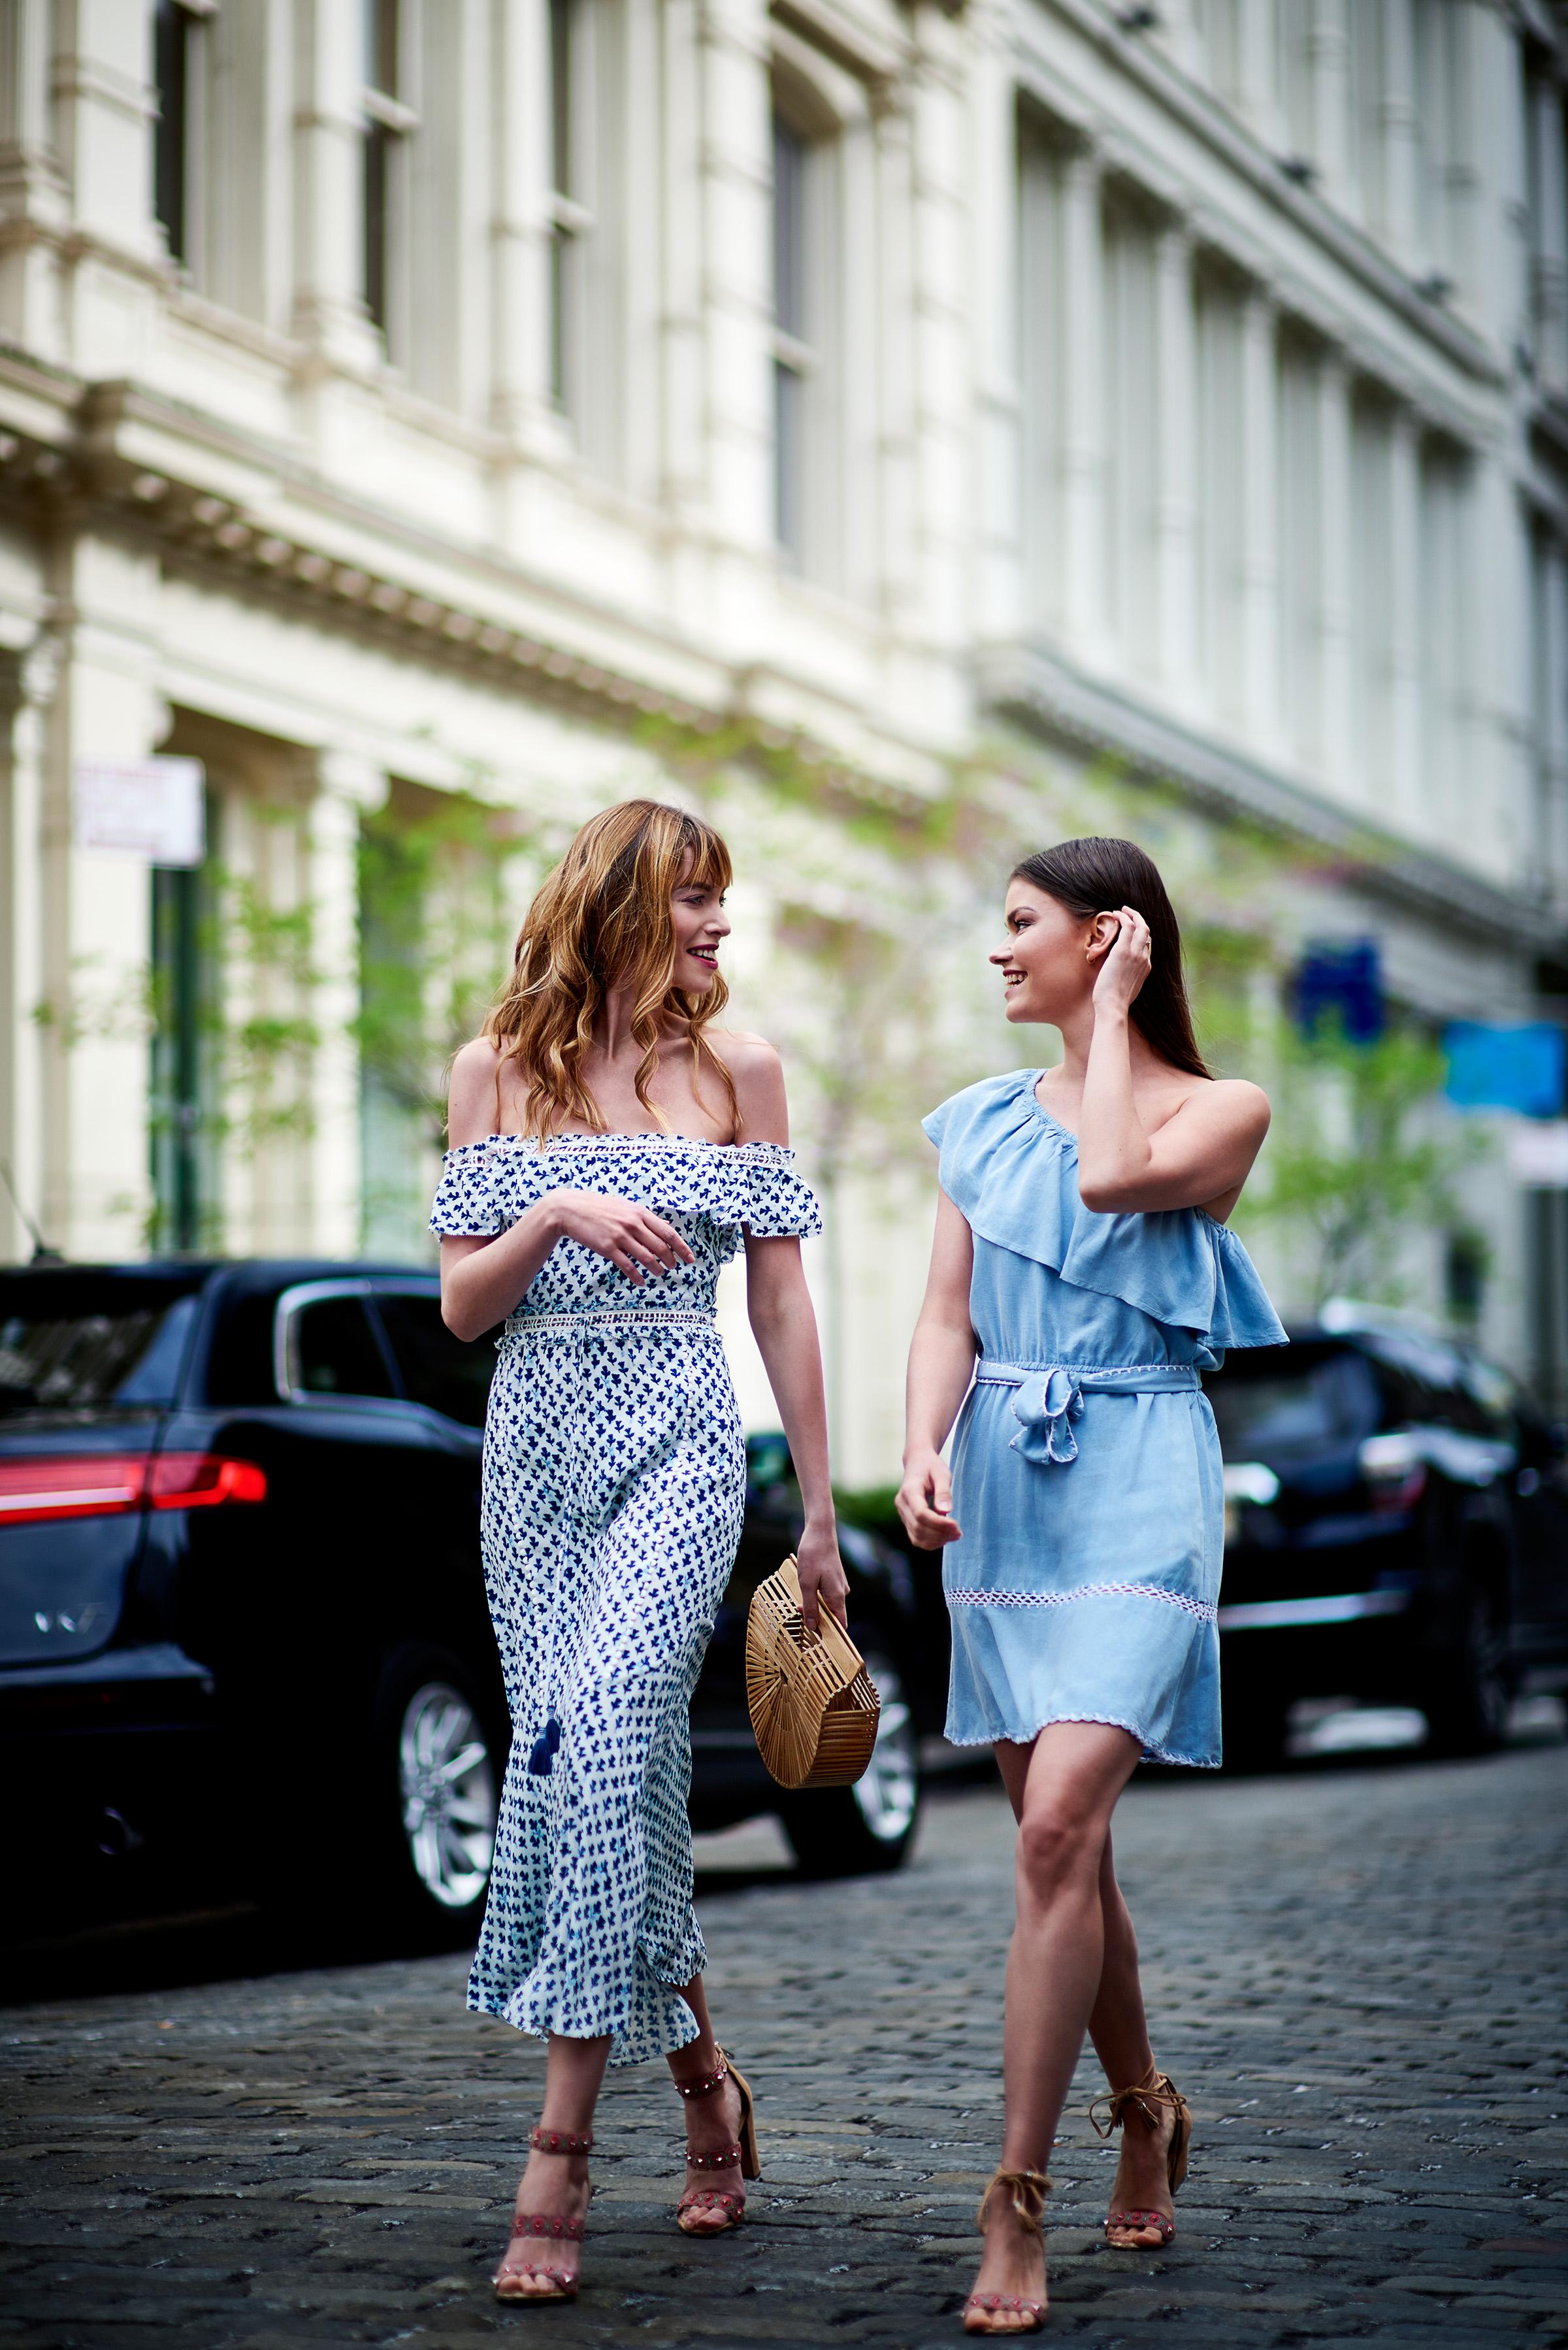 Juliette Off The Shoulder Maxi Dress With Tassels & Haney One Shoulder Denim Dress